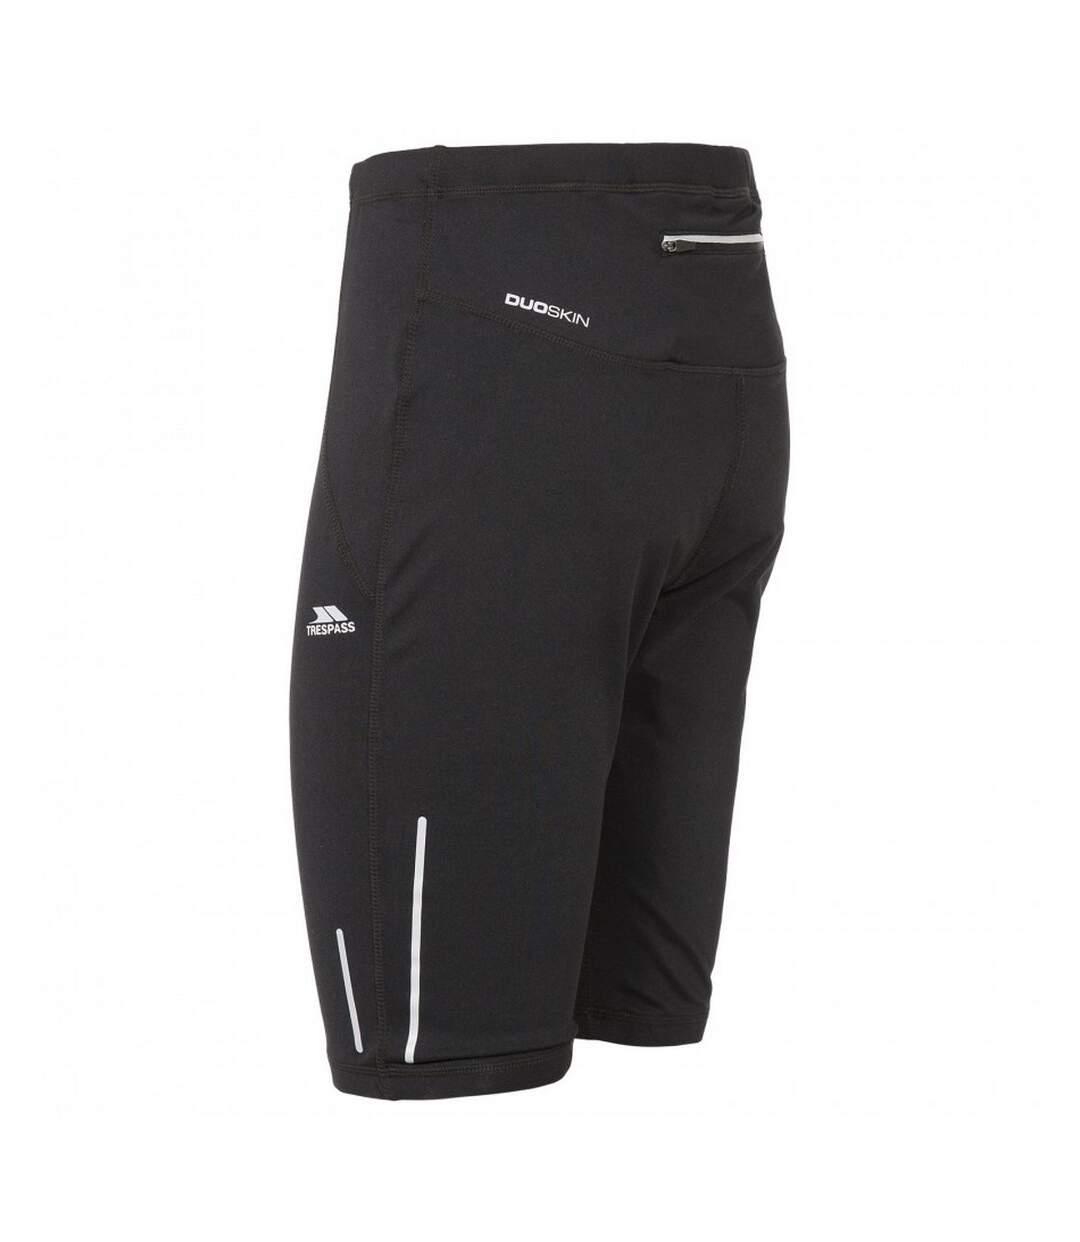 Trespass Mens Syden Active Shorts (Black) - UTTP3281